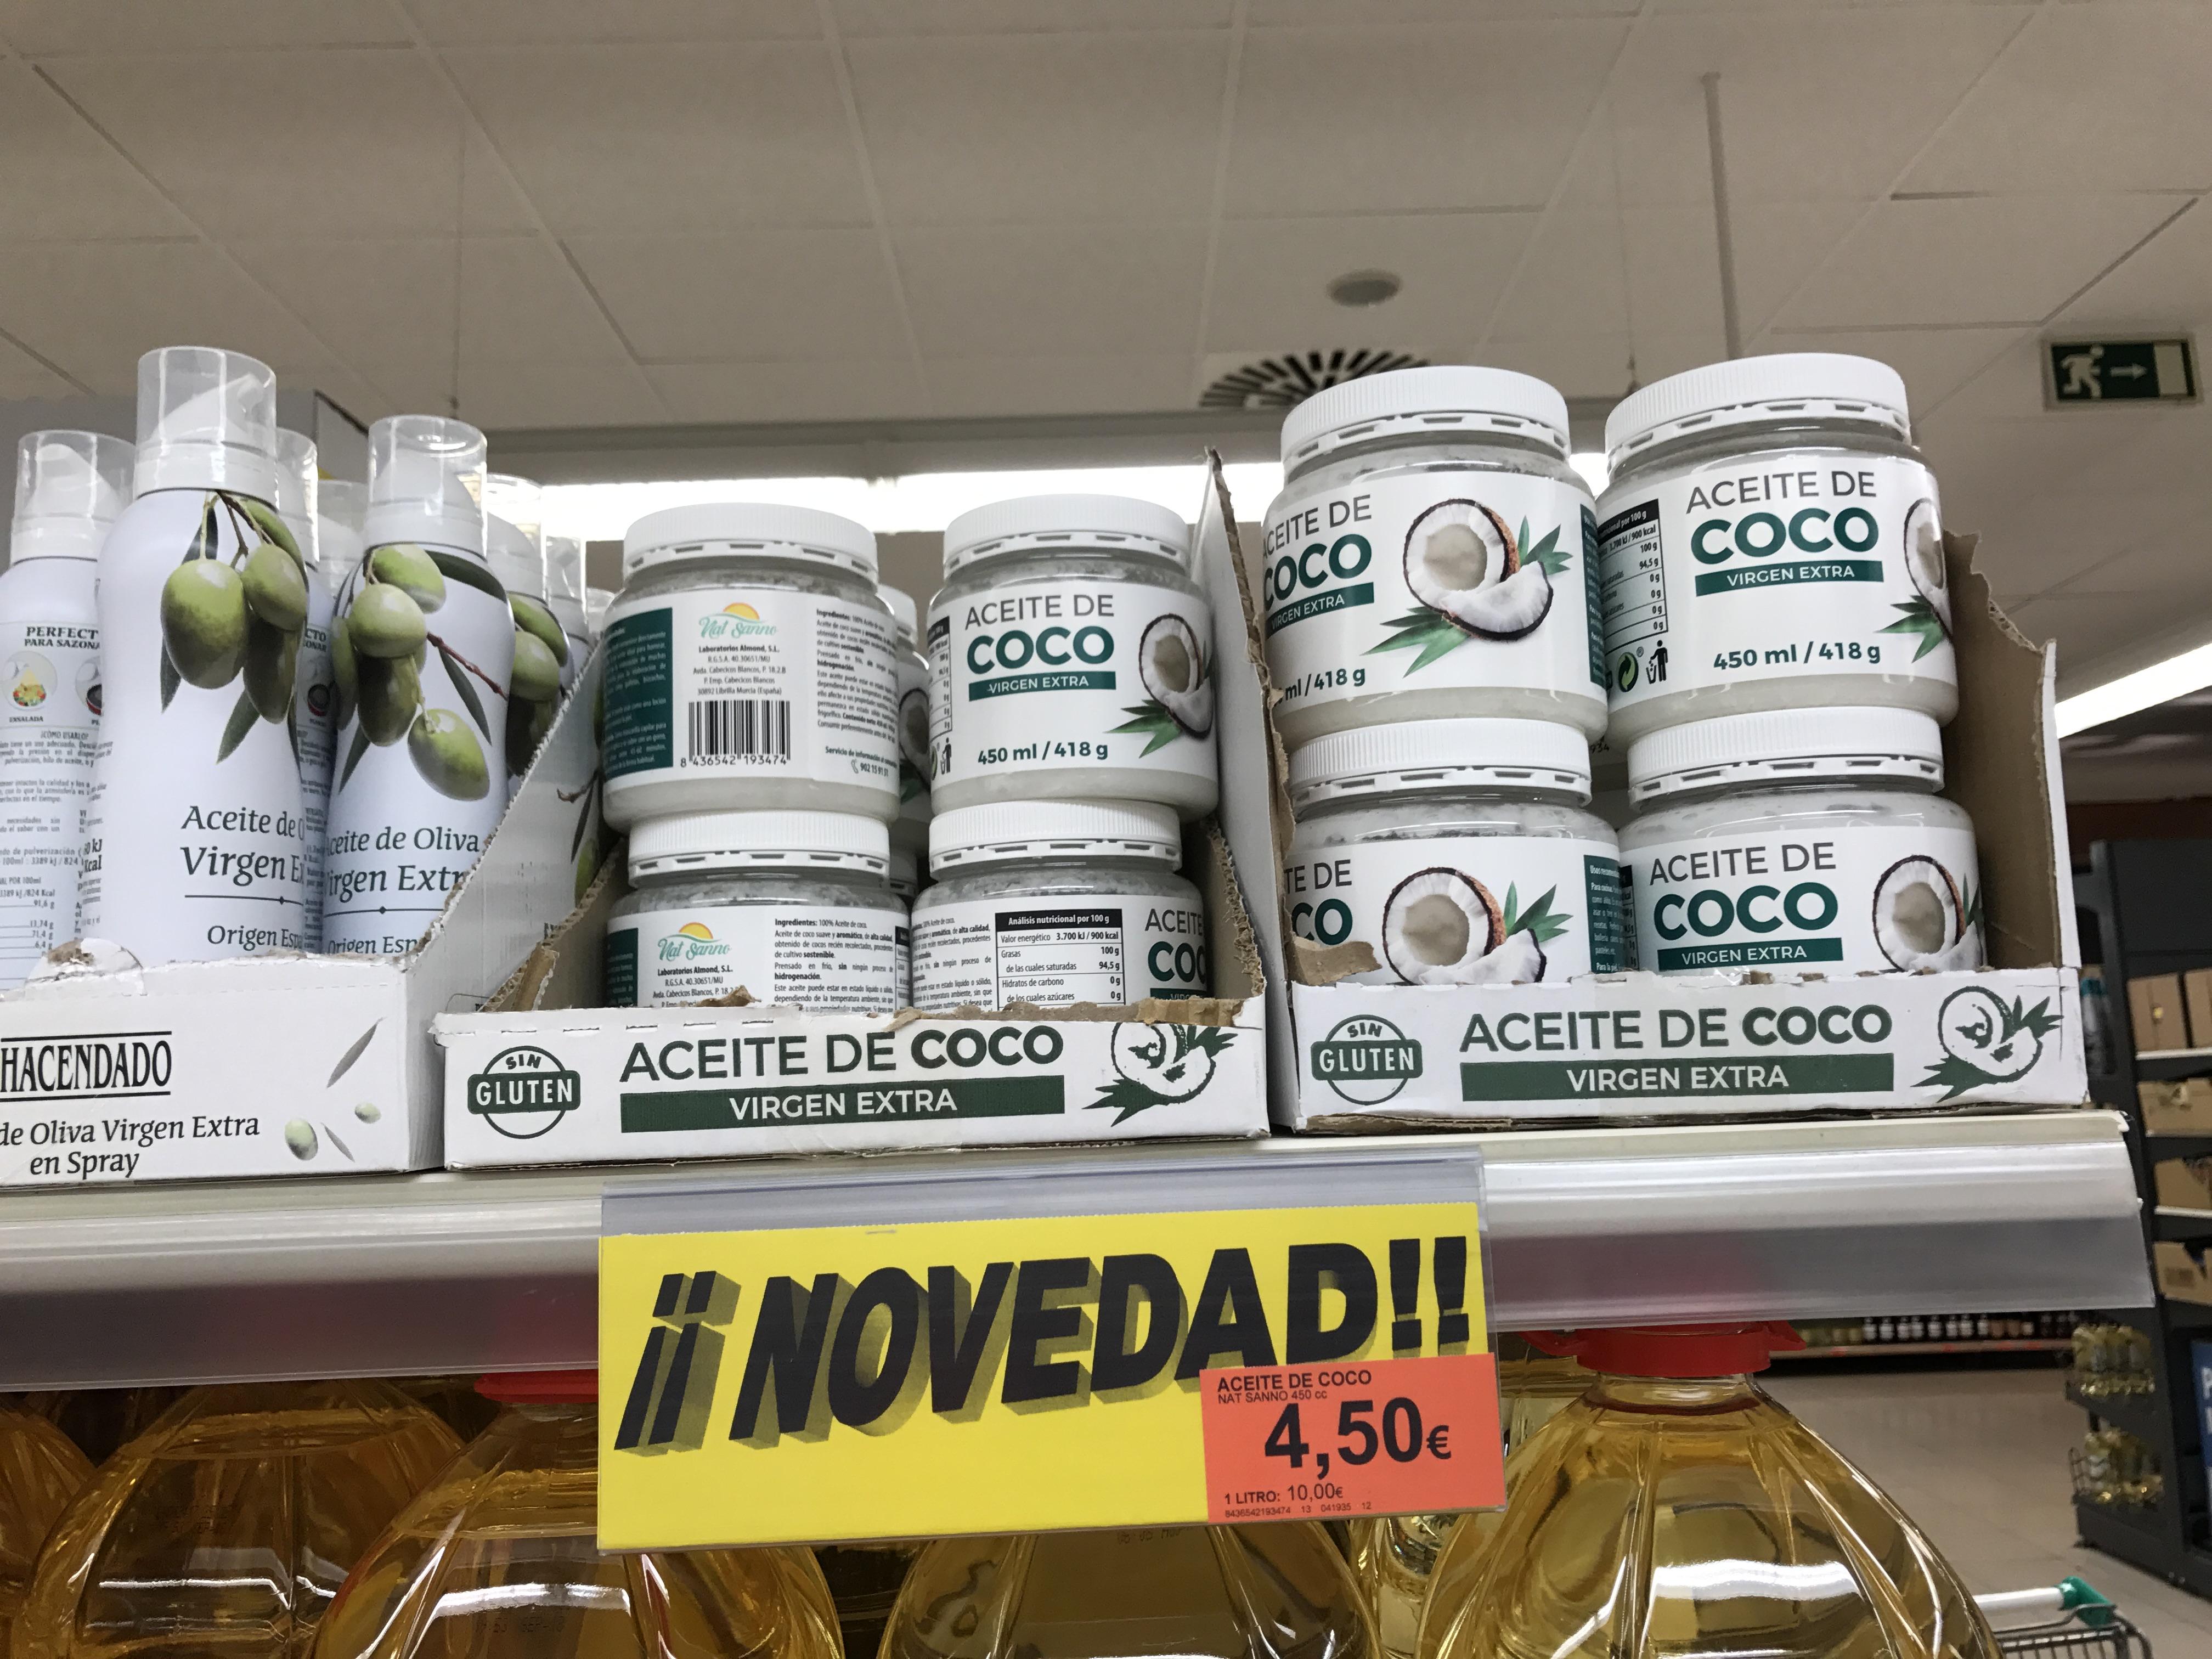 aceite de coco en Mercadona